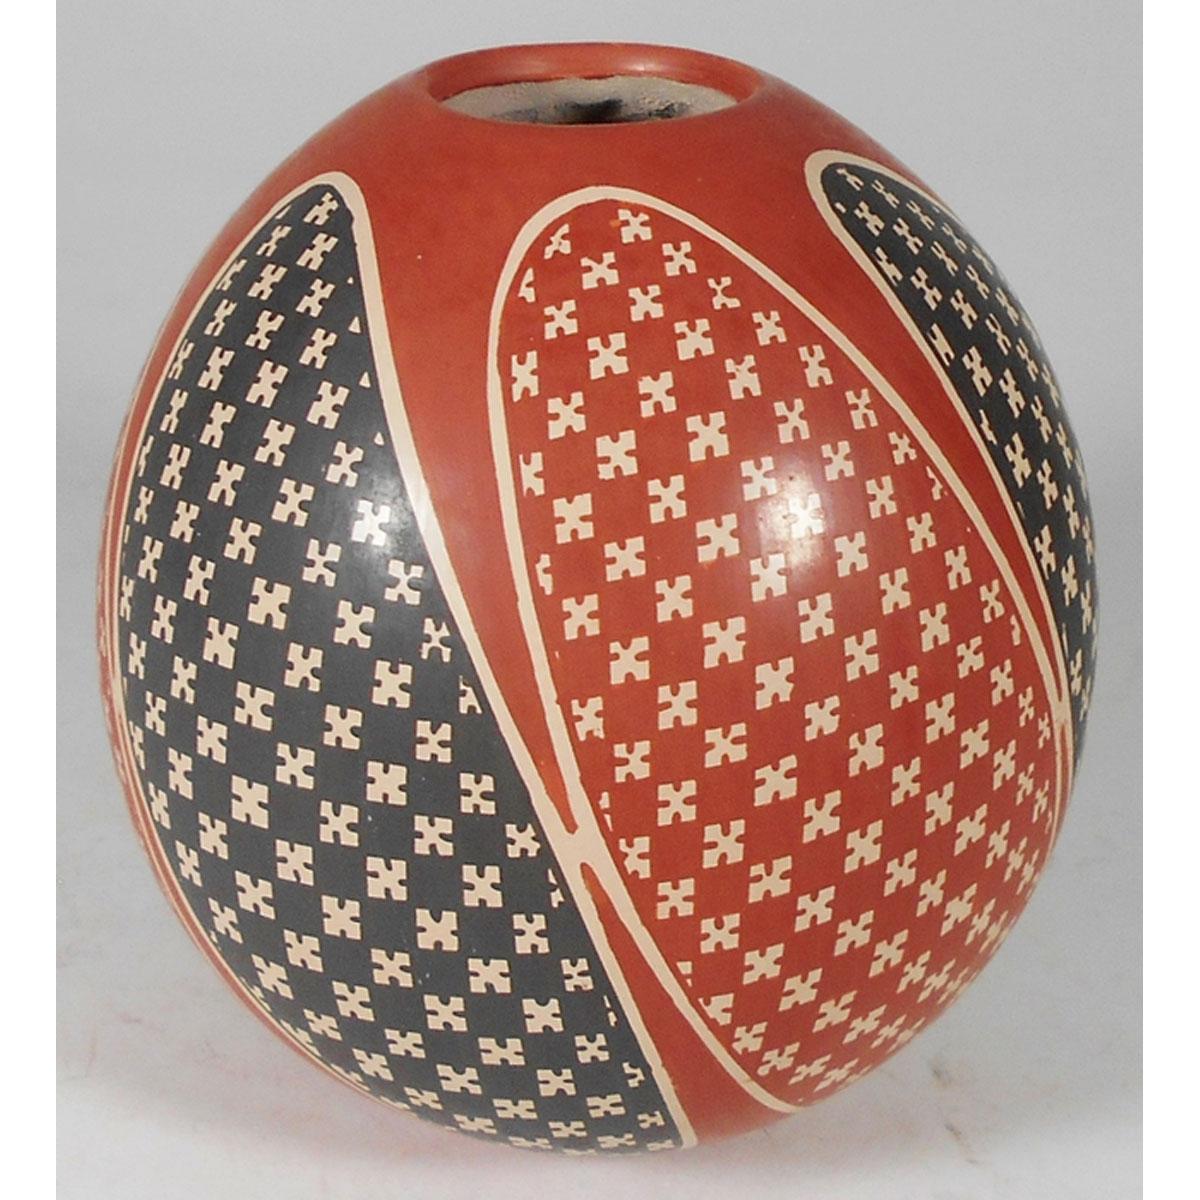 Mata Ortiz Pottery by Ernesto Arras Olivas